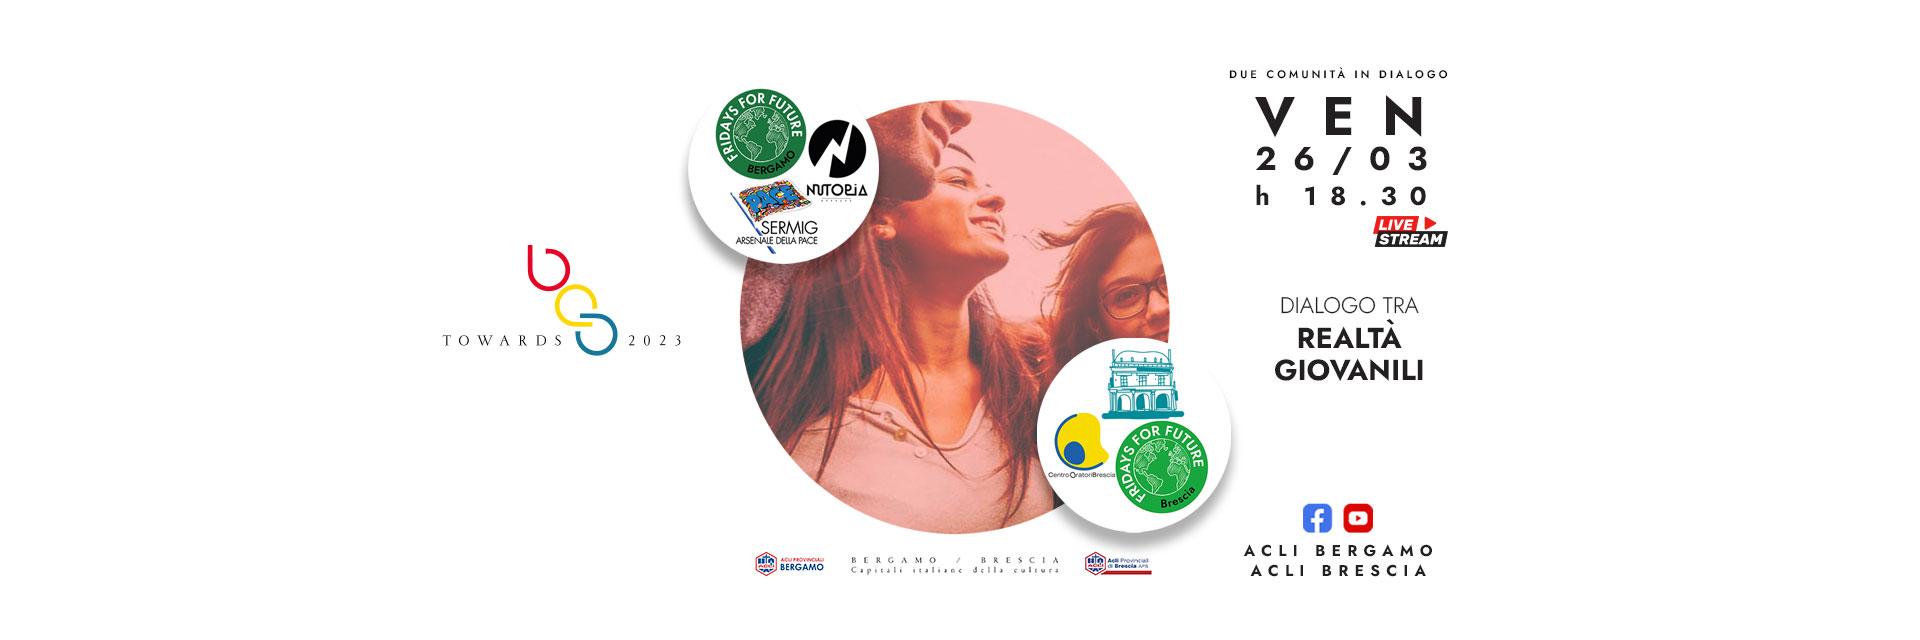 Towards 2023: ultimo dialogo tra realtà giovanili di Bergamo e Brescia